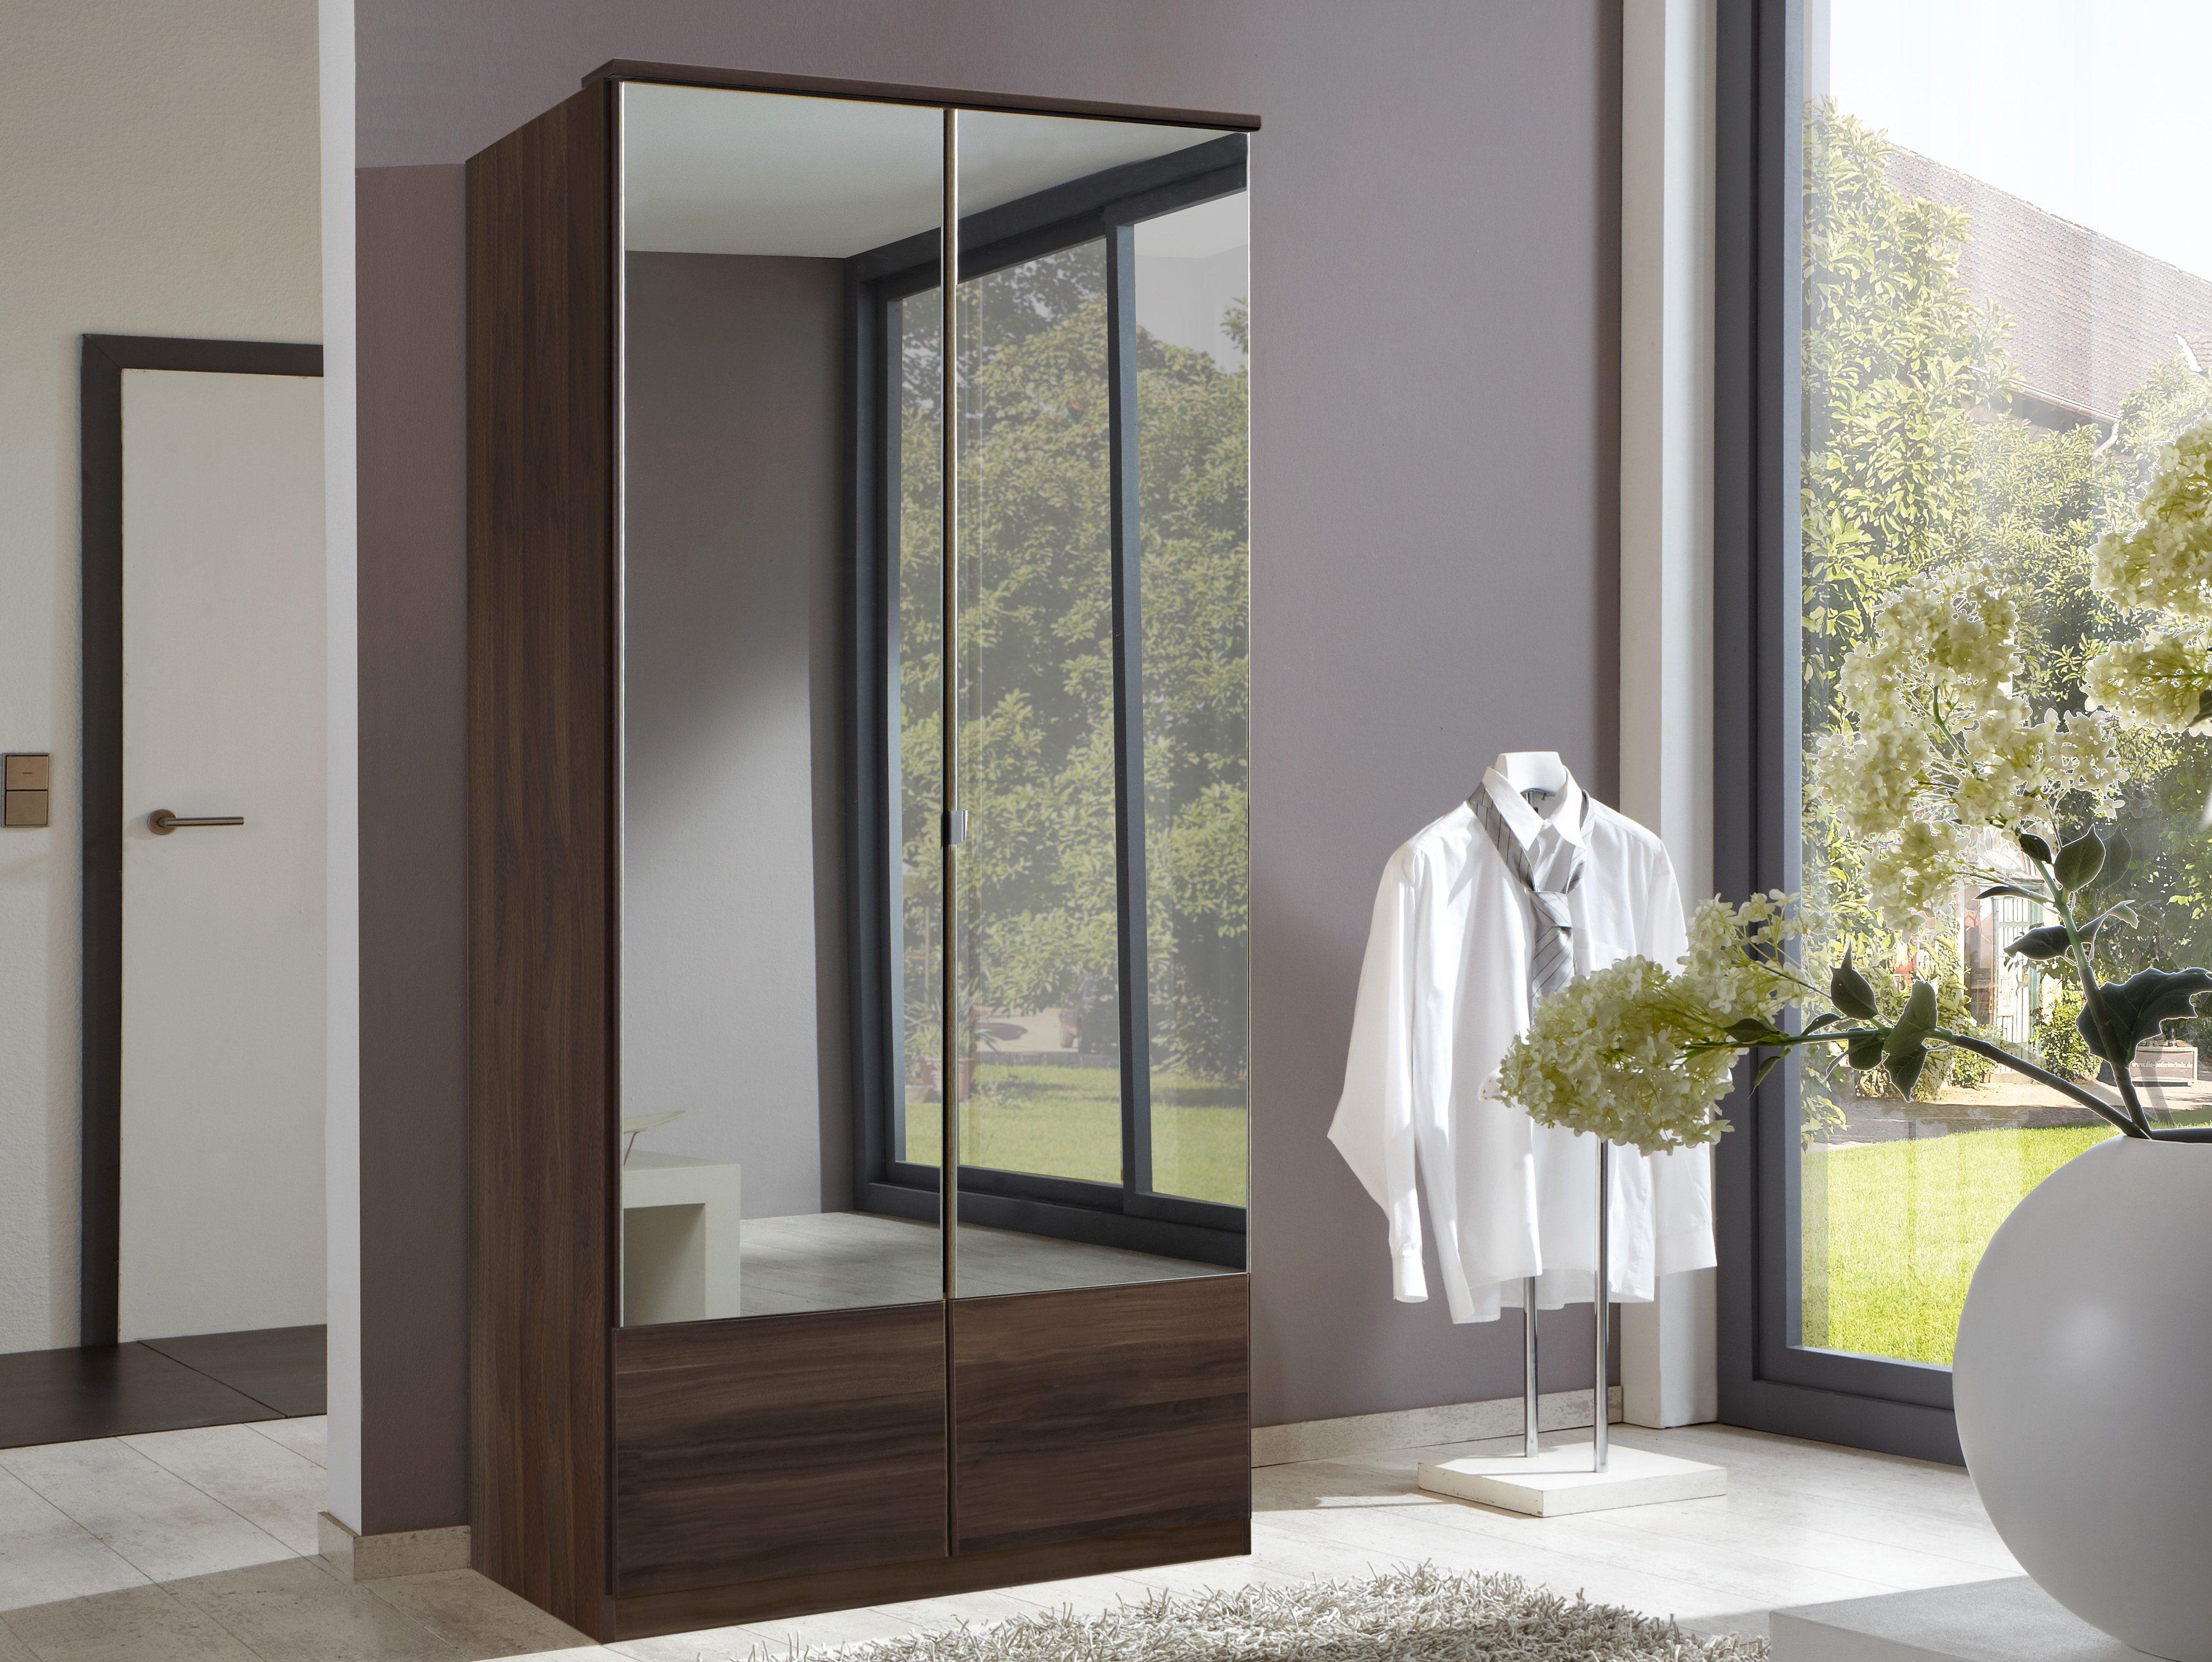 Badkamer Kast Spiegel : Badkamer kast met spiegel over sanitair producten witte